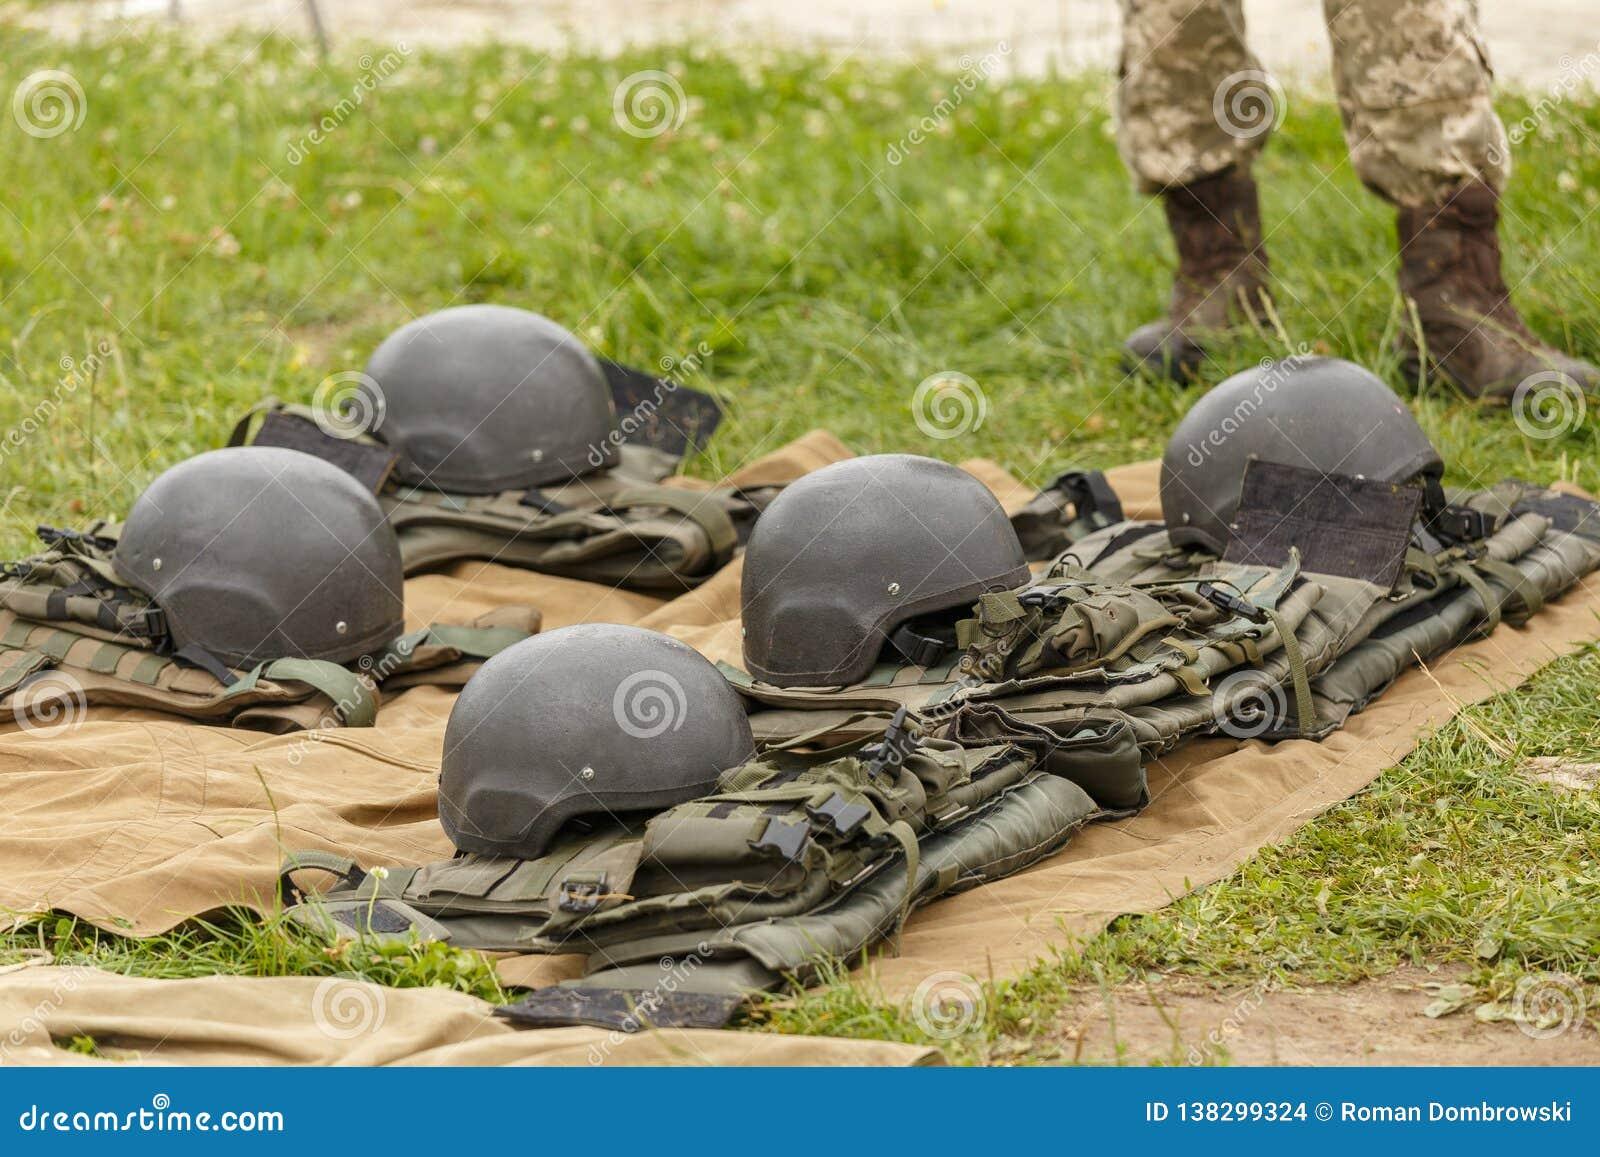 Закамуфлируйте куртки зенитных орудий боя и шлемы выровнялись вверх на том основании